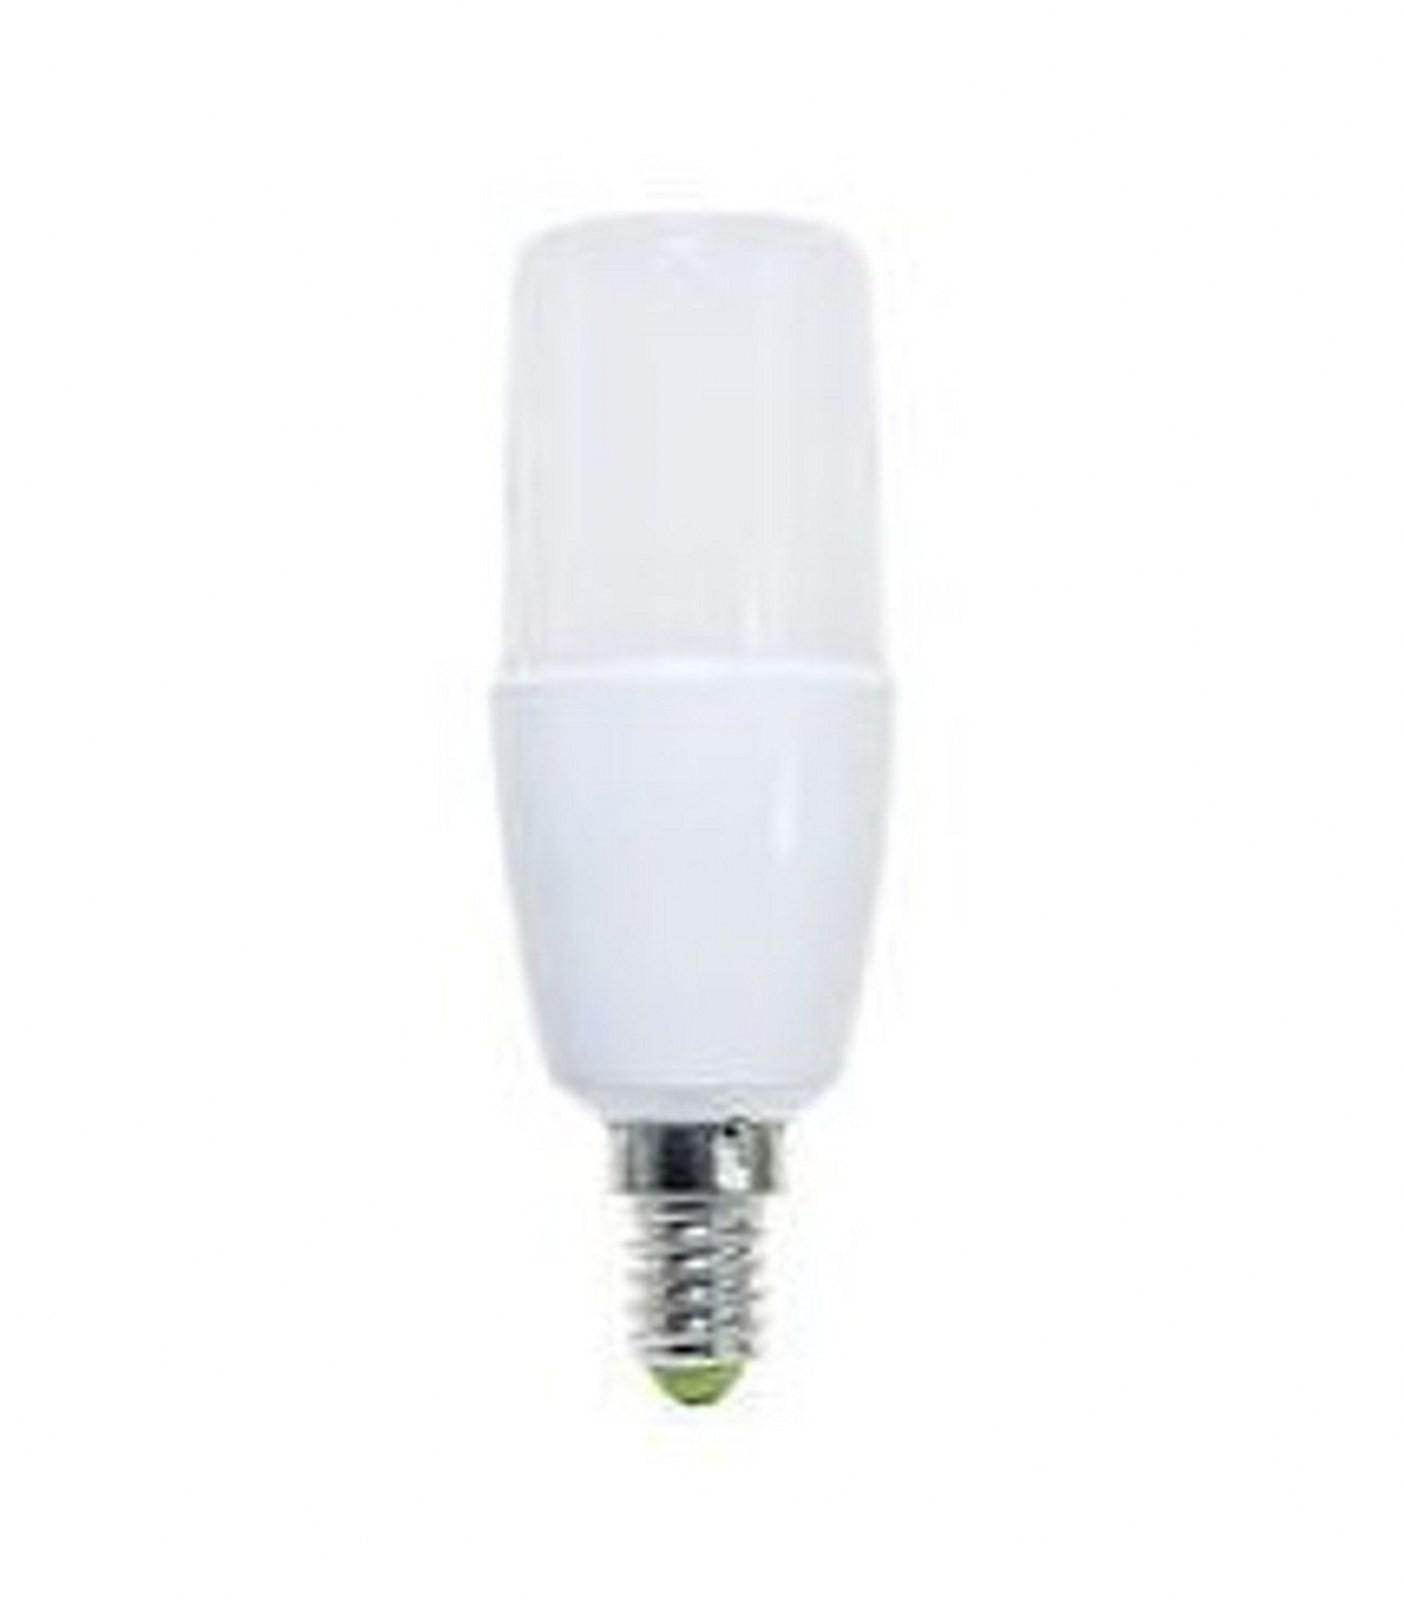 Lampadina lampada led tubolare e14 10w 4000k lm900 life for Lampada tubolare led